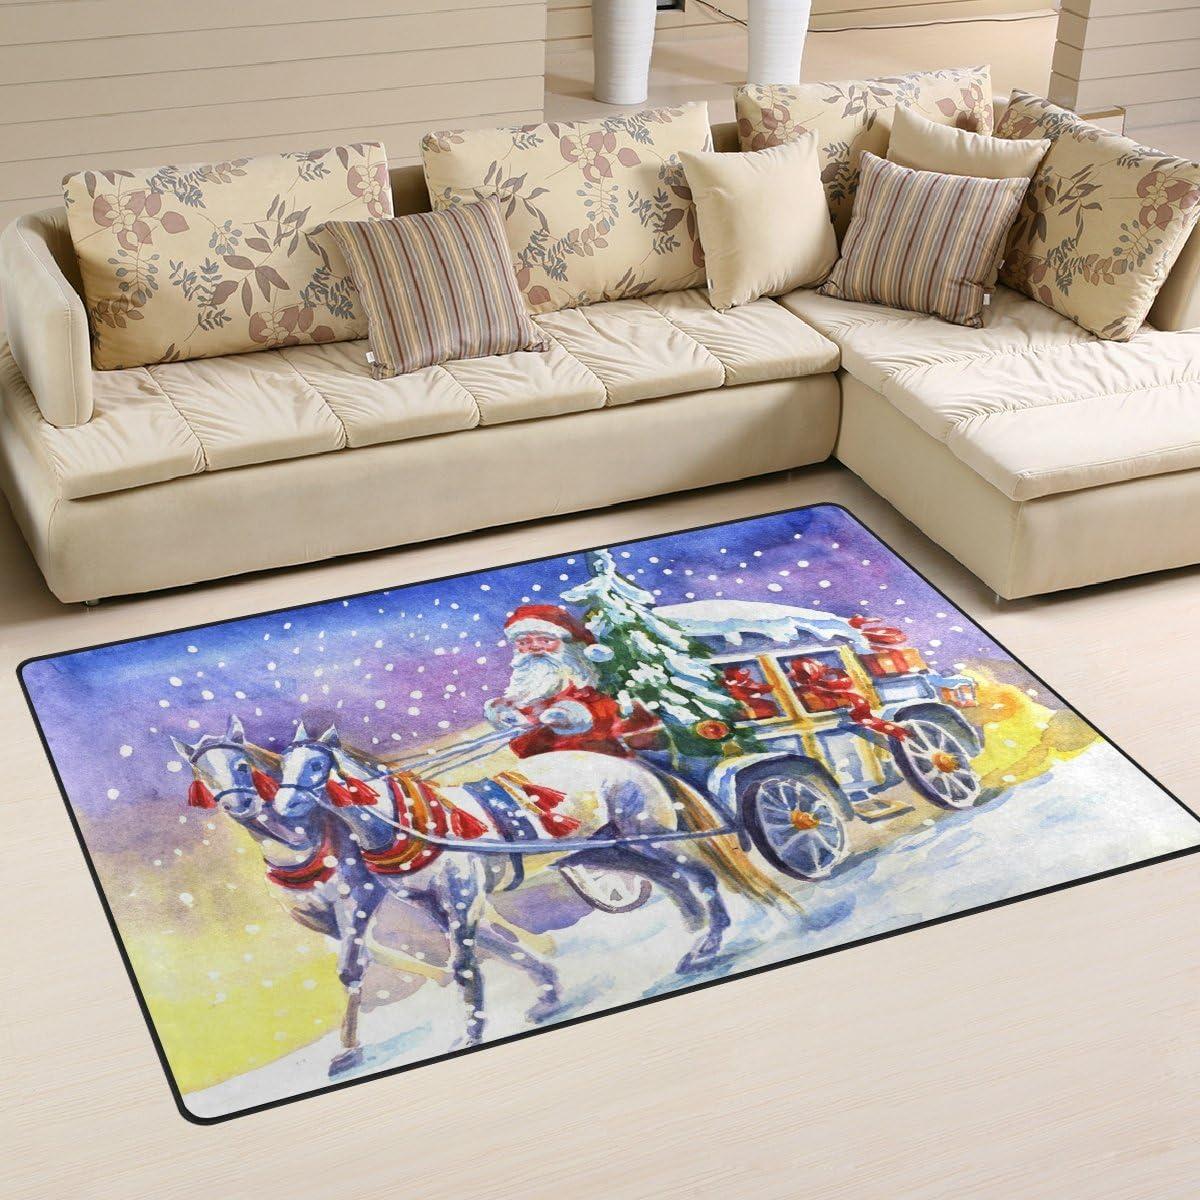 coosun Papá Noel en carruaje con caballo área alfombra alfombra alfombra de suelo antideslizante Doormats para salón o dormitorio, tela, multicolor, 60 x 39 inch,152.4 x 99.1 cm